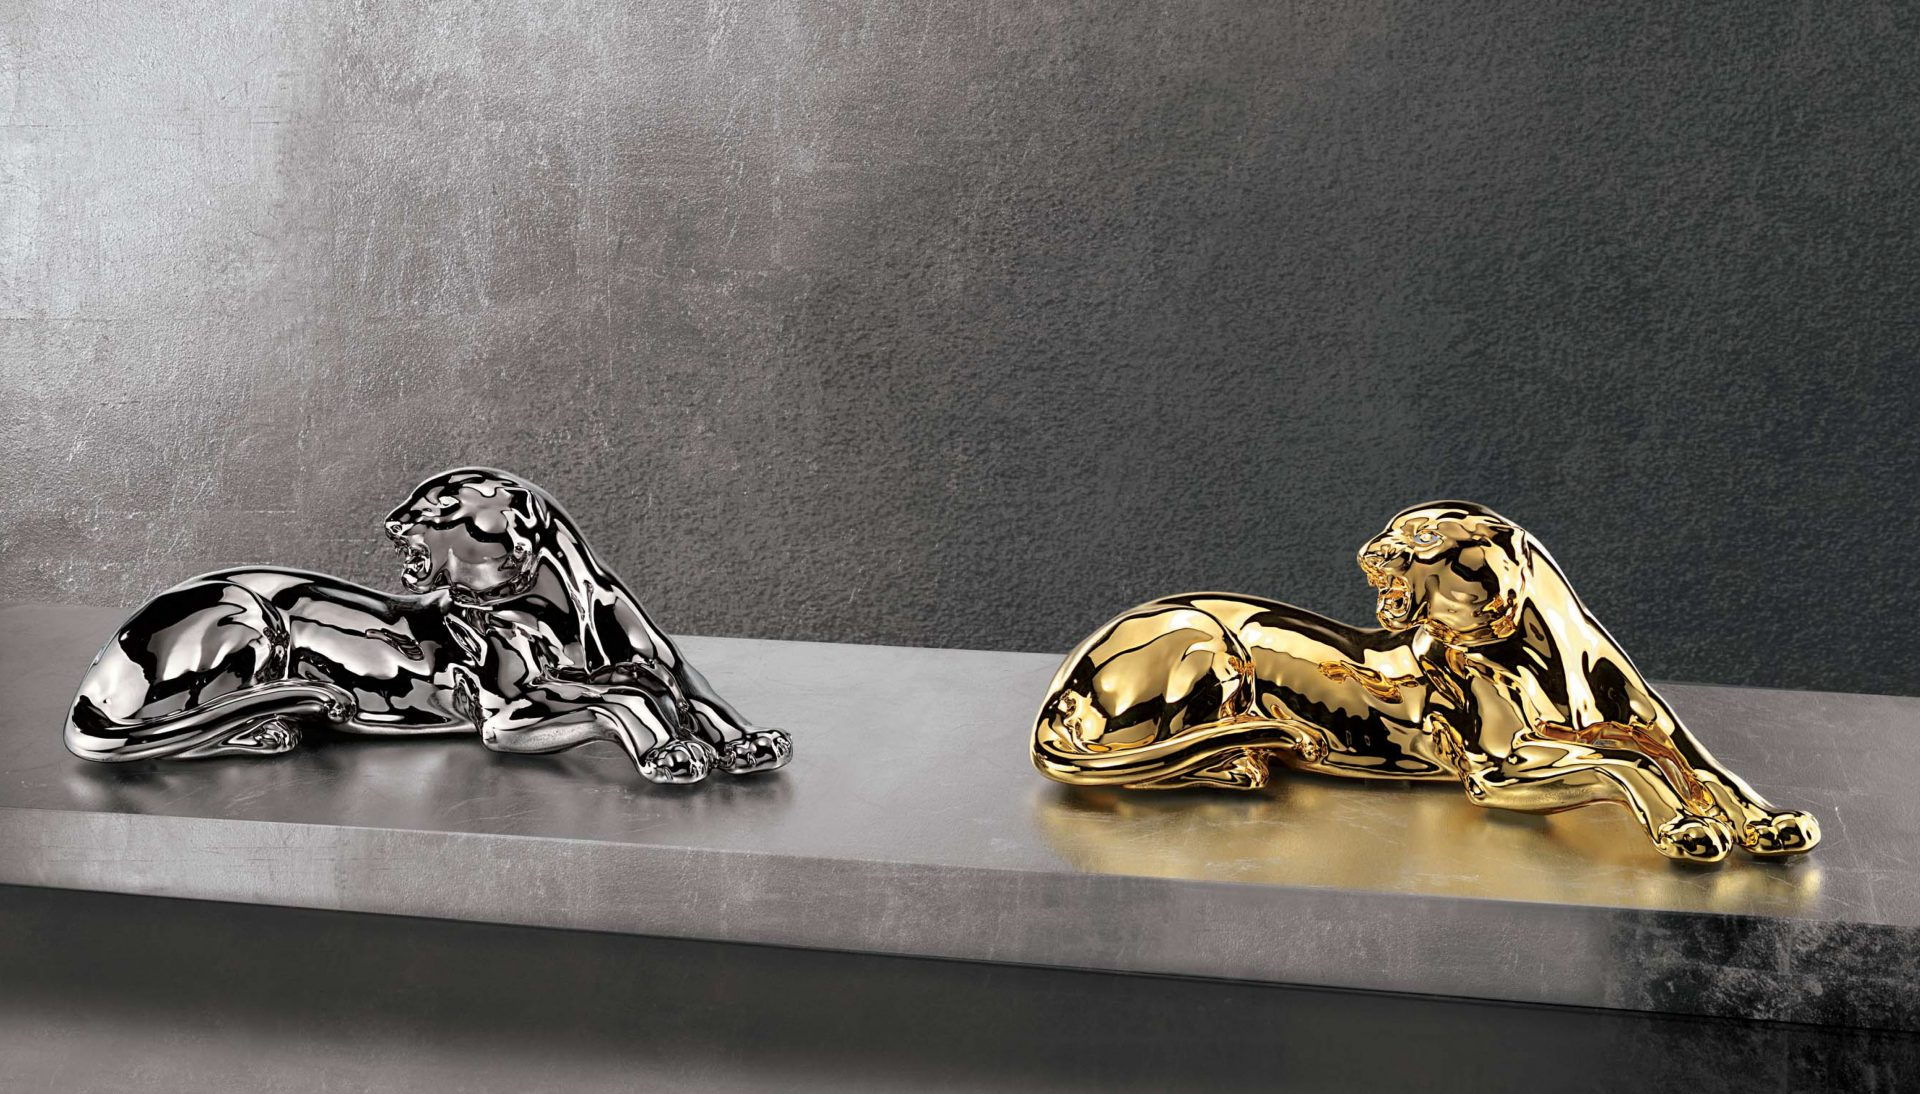 Zoo Sculptures